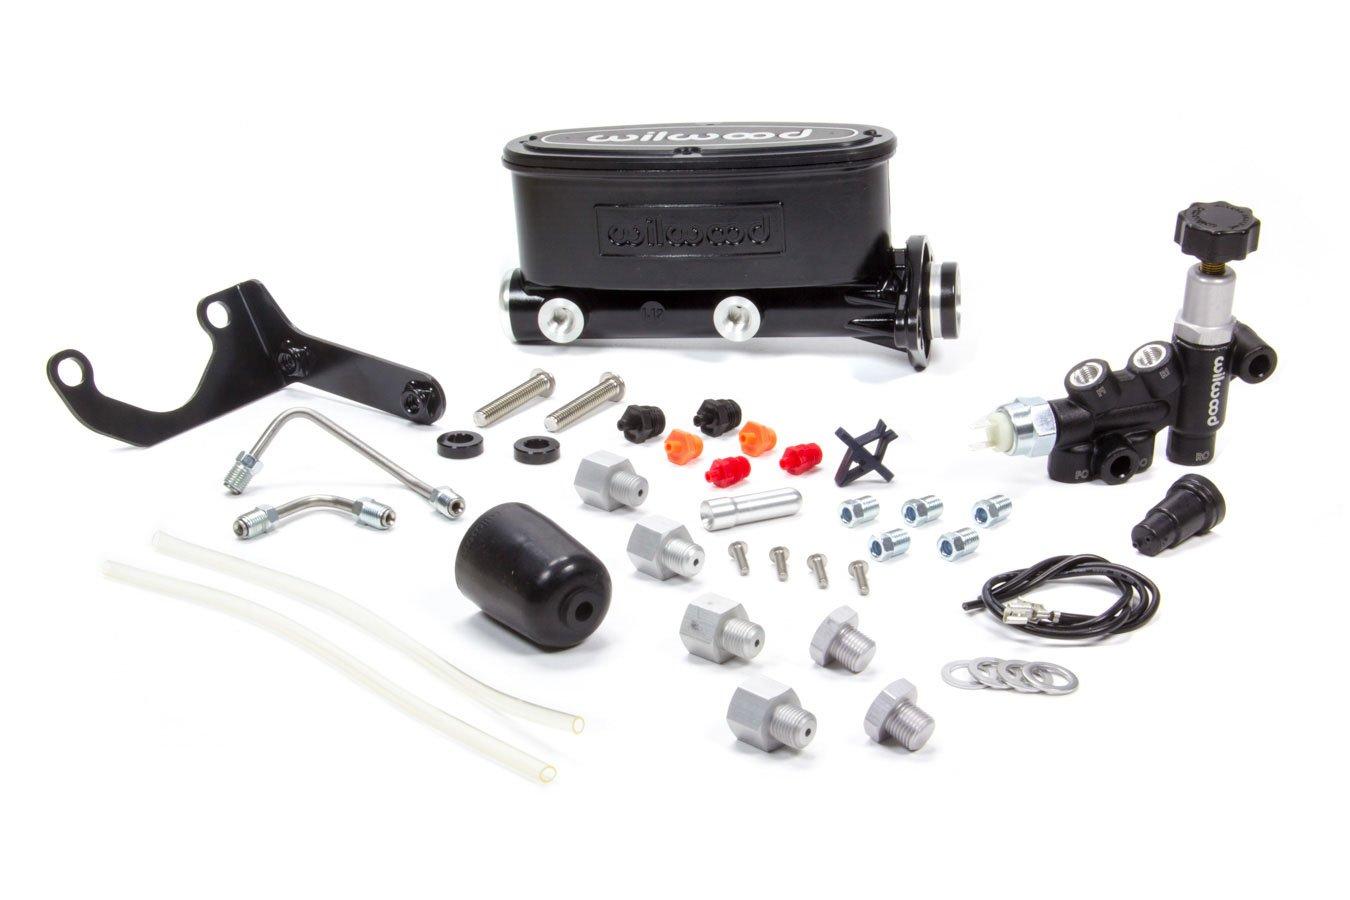 Wilwood 261-13270-BK Brake Master Cylinder Kit